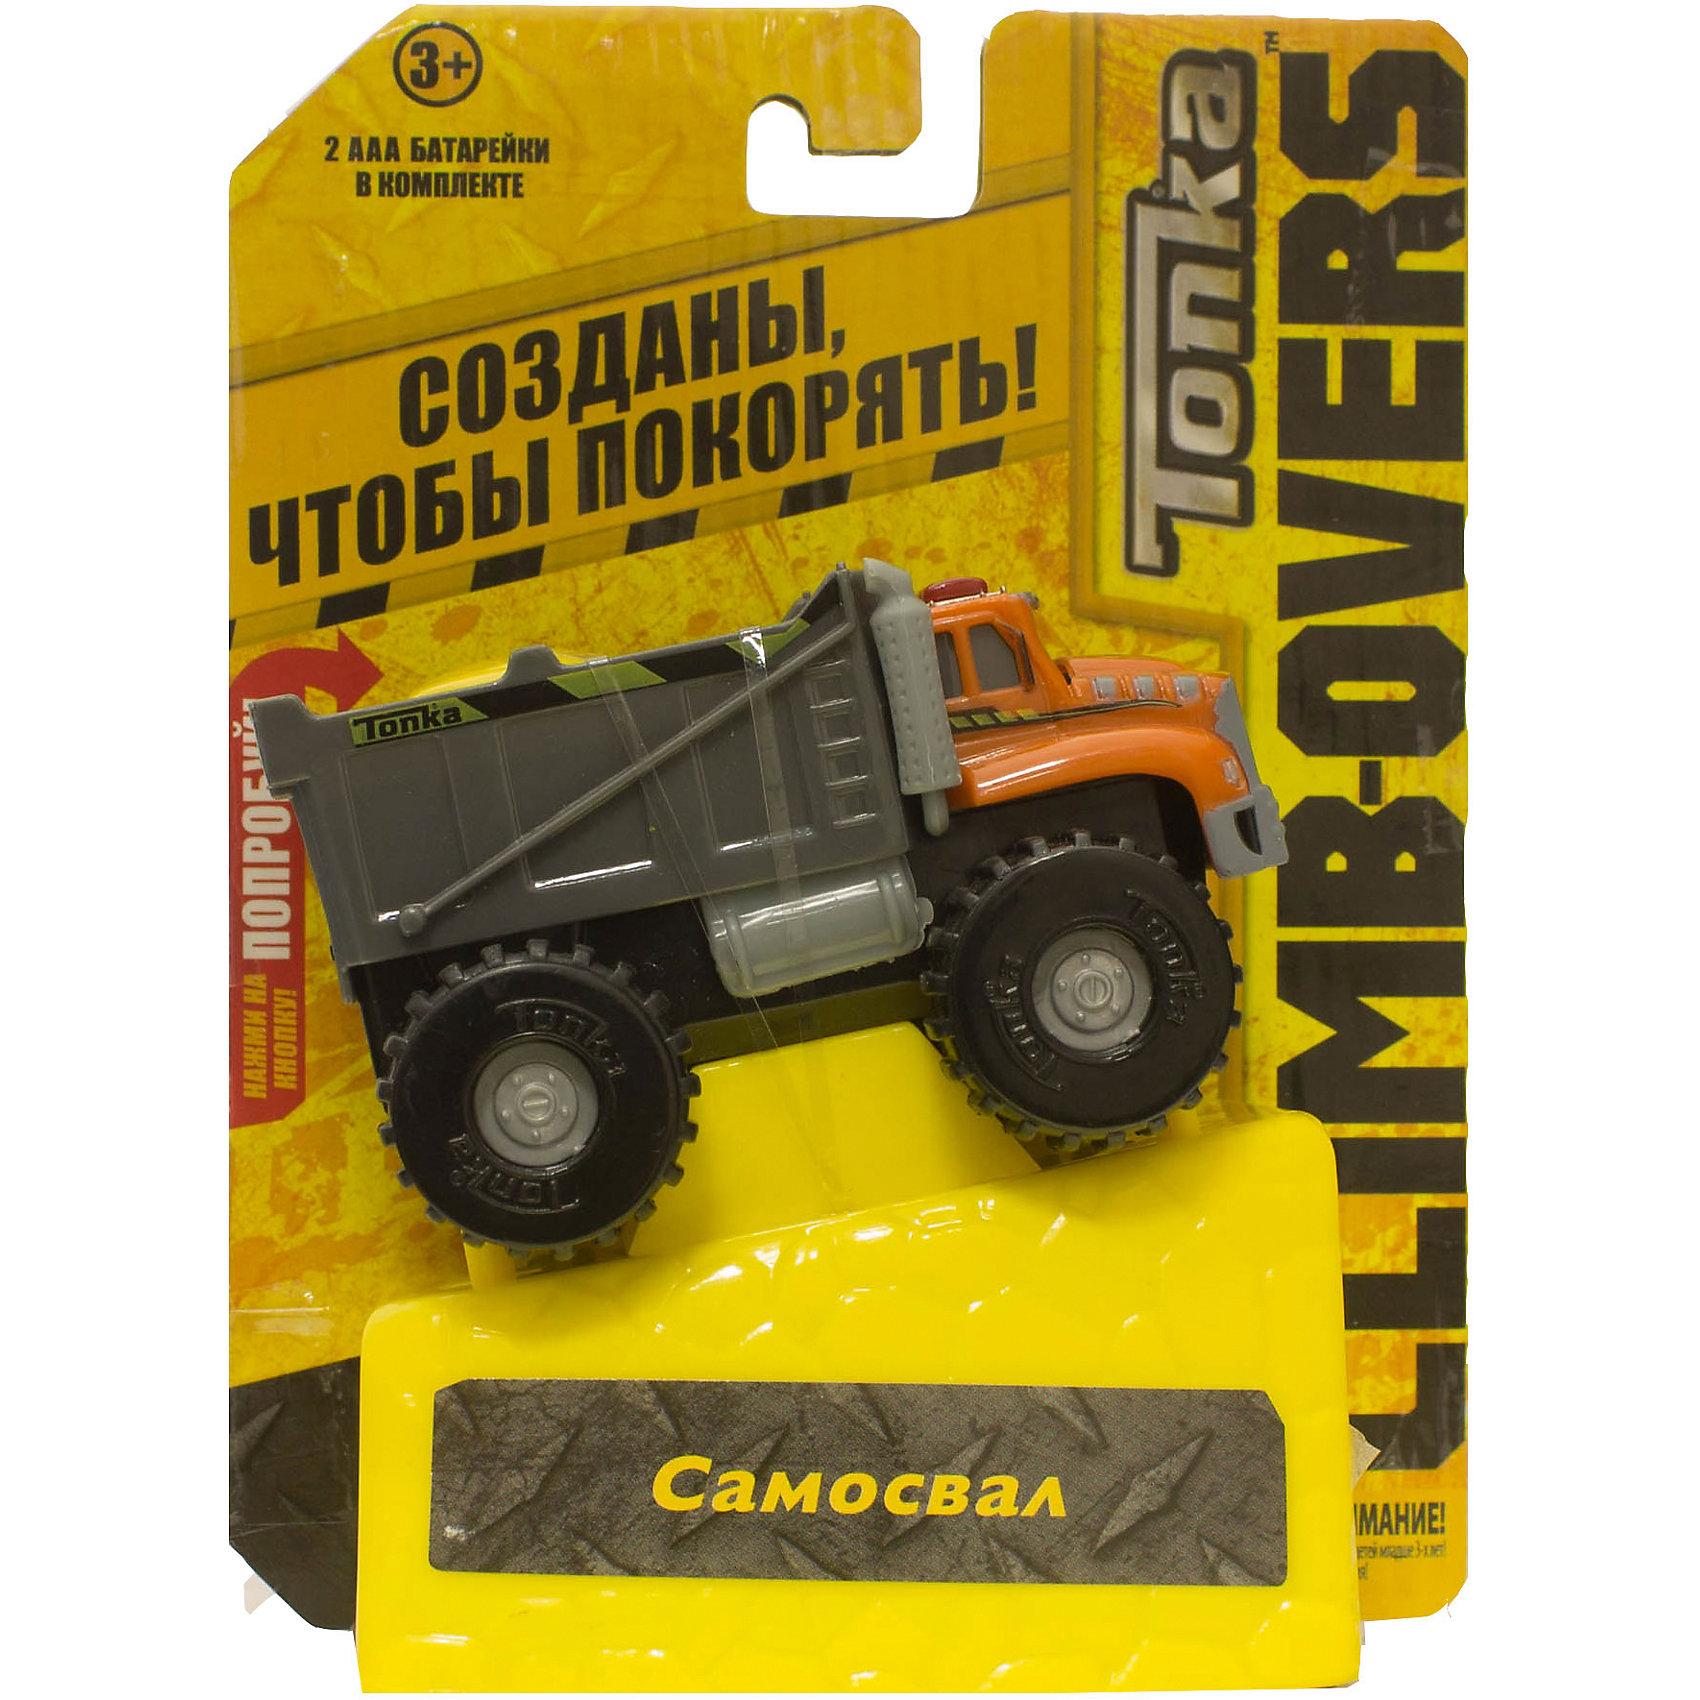 Машинка Climb-overs Самосвал, TonkaМашинки<br>Машинка Climb-overs Самосвал, Tonka<br><br>Характеристики:<br><br>-Возраст: от 3 лет<br>-Для мальчиков<br>-Тип батареек: 2 х AAA / LR0.3 1.5V (мизинчиковые).<br>-Материал: пластик<br>-Марка: Tonka(Тонка)<br><br>Машинка Tonka Climb-overs Самосвал станет отличным подарком юному любителю гонок. Машина аварийной службы имеет оранжевую кабину с проблесковыми маячками и серый открытый кузов. Мощные черные колеса автомобиля с серыми дисками легко проедут через любое препятствие. А если ребенок нажмет на большую желтую кнопку, располагающуюся на крыше кузова, то машинка быстро помчится вперед. Собери всю коллекцию машинок данной серии и играй в них вместе с друзьями, придумывая разные игровые сюжеты! Также машинка подойдет для треков этой серии. Для работы требуются 3 батарейки ААА (в комплект не входят). <br><br>Машинка Climb-overs Самосвал, Tonka можно приобрести в нашем интернет-магазине.<br><br>Ширина мм: 165<br>Глубина мм: 51<br>Высота мм: 127<br>Вес г: 150<br>Возраст от месяцев: 36<br>Возраст до месяцев: 120<br>Пол: Мужской<br>Возраст: Детский<br>SKU: 5115731